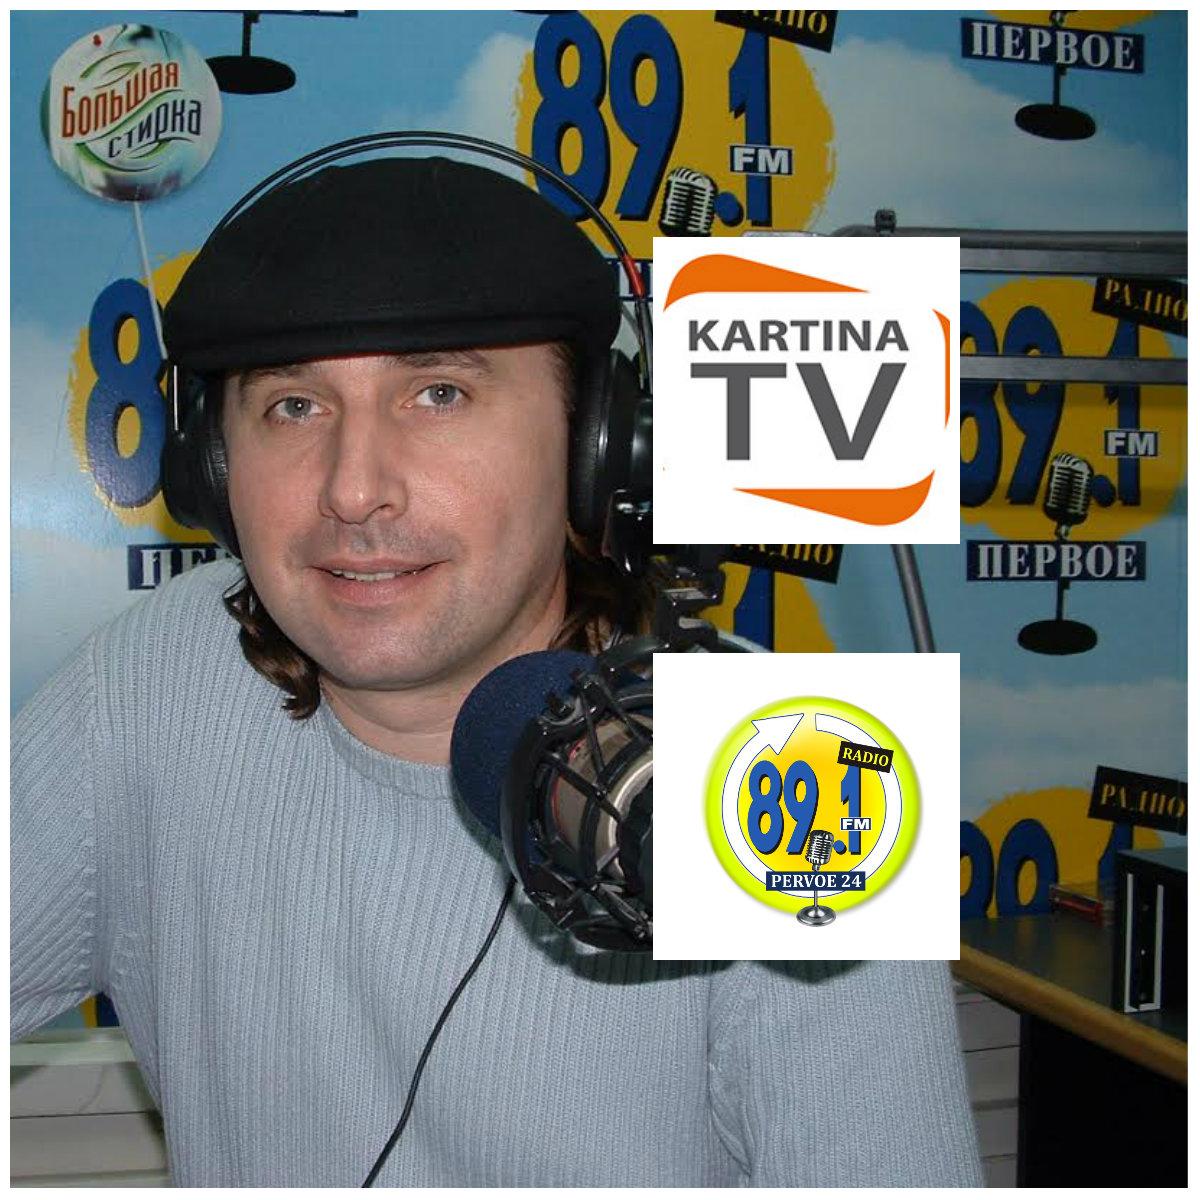 Еще одна новинка в KartinaTV – Первое радио по всей территории Израиля!